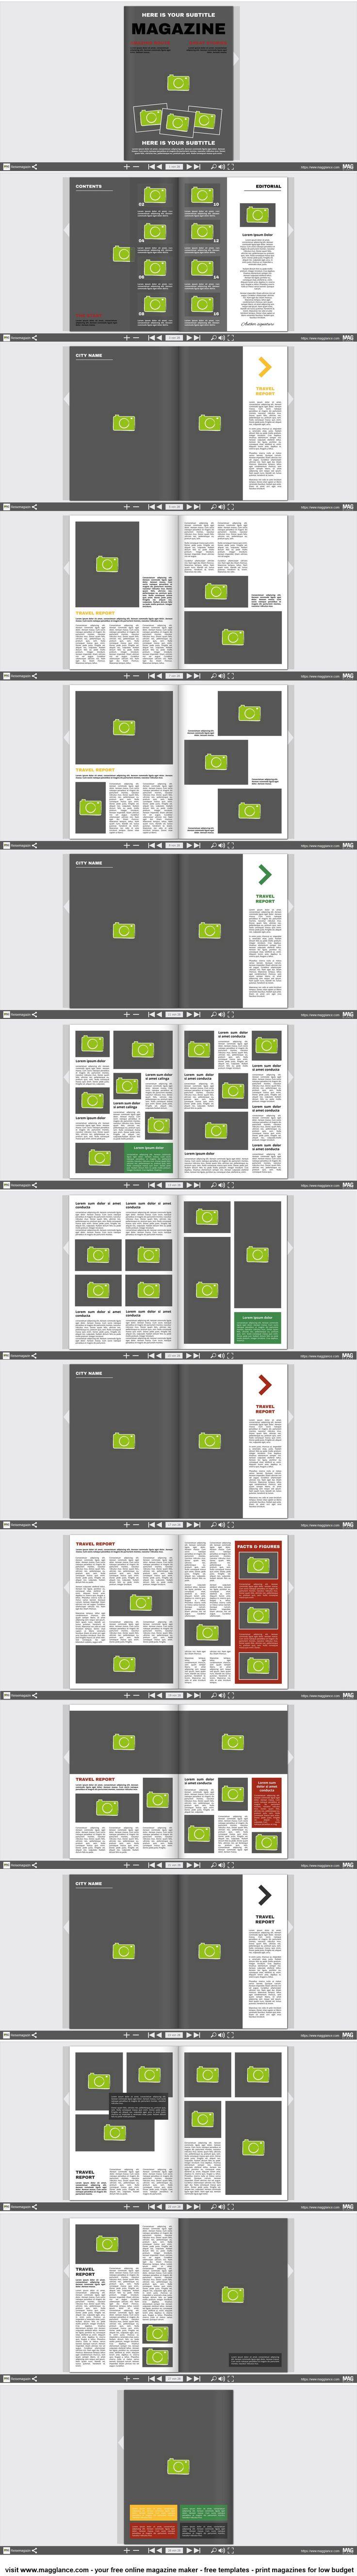 Fotobuch kostenlos online erstellen und günstig drucken unter https://de.magglance.com/fotobuch-vorlage #Fotobuch #Vorlage #Design #Muster #Beispiel #Template #Gestalten #Erstellen #Layout #Fotomagazine #online